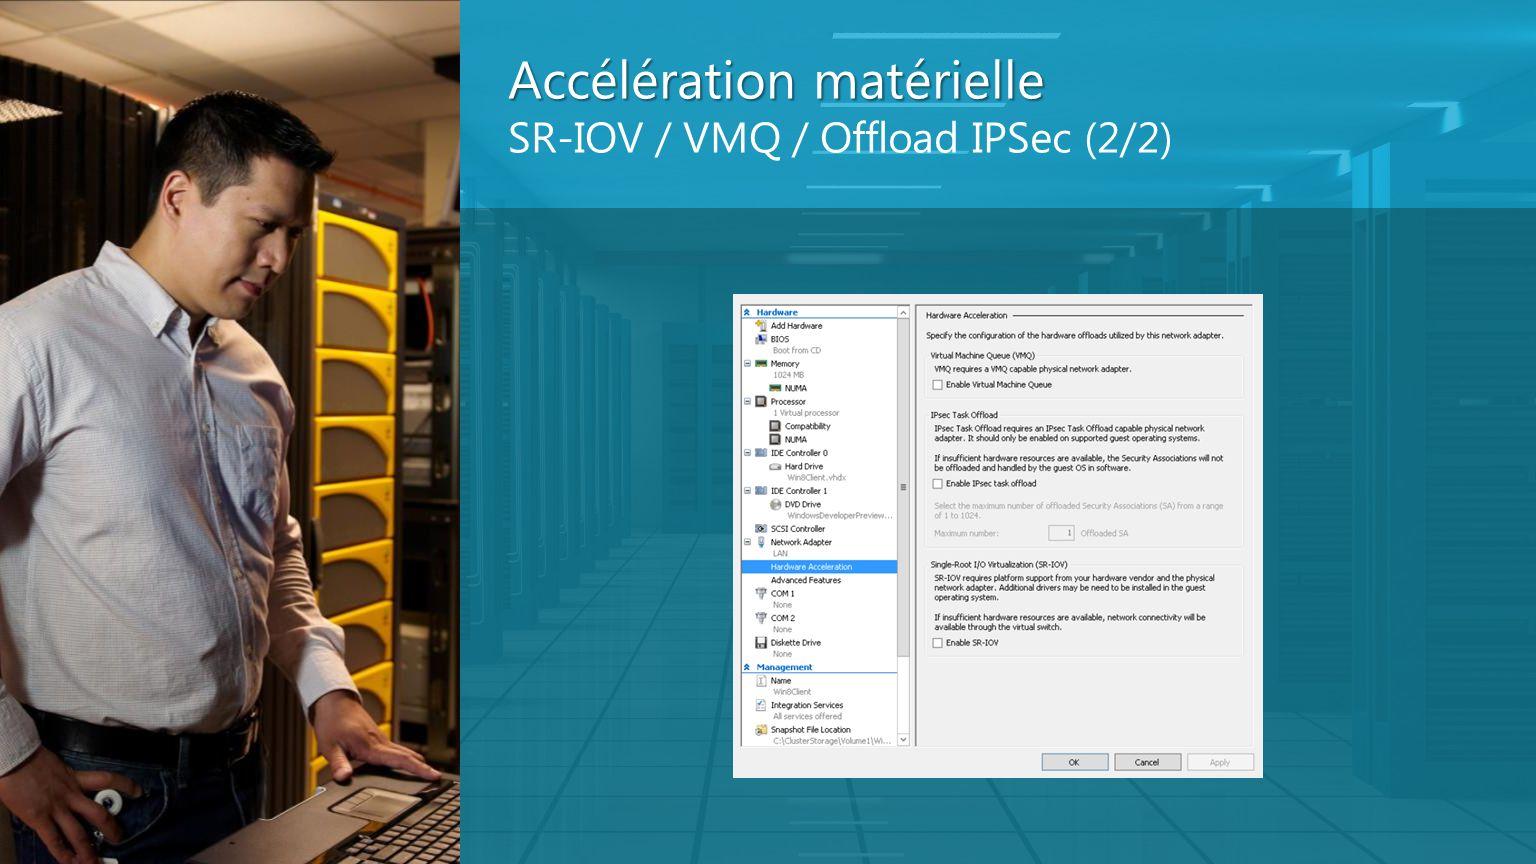 Accélération matérielle Accélération matérielle SR-IOV / VMQ / Offload IPSec (2/2)